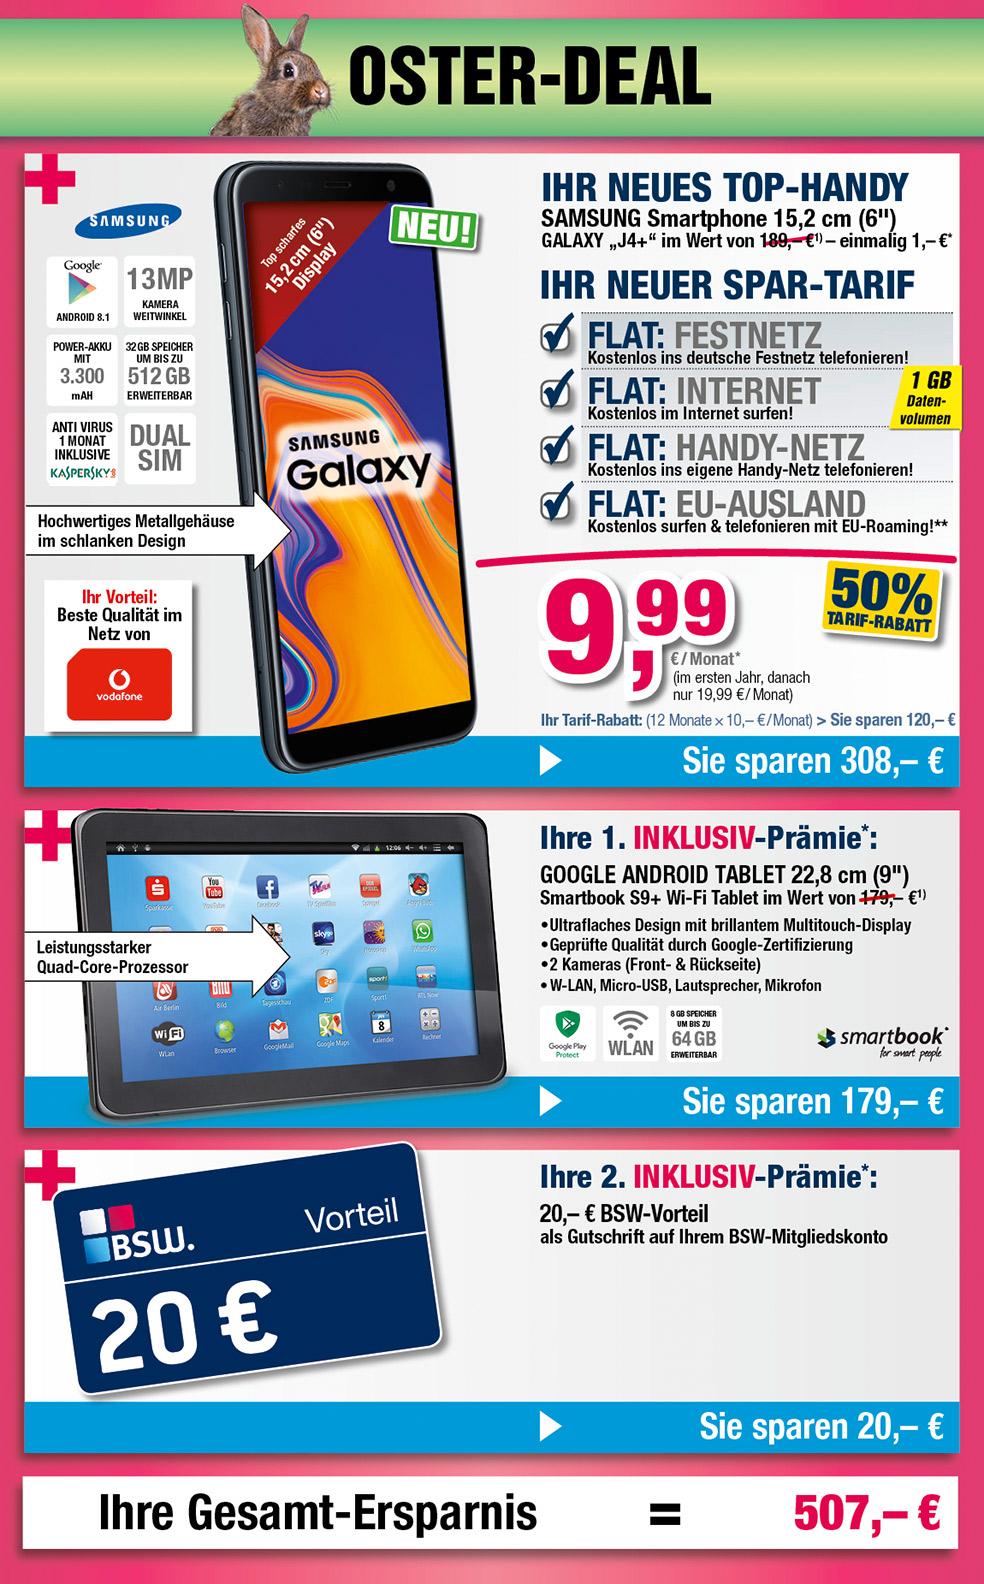 """9"""" Tablet + 20€ BSW-Vorteil INKLUSIVE + Samsung Galaxy J4+"""